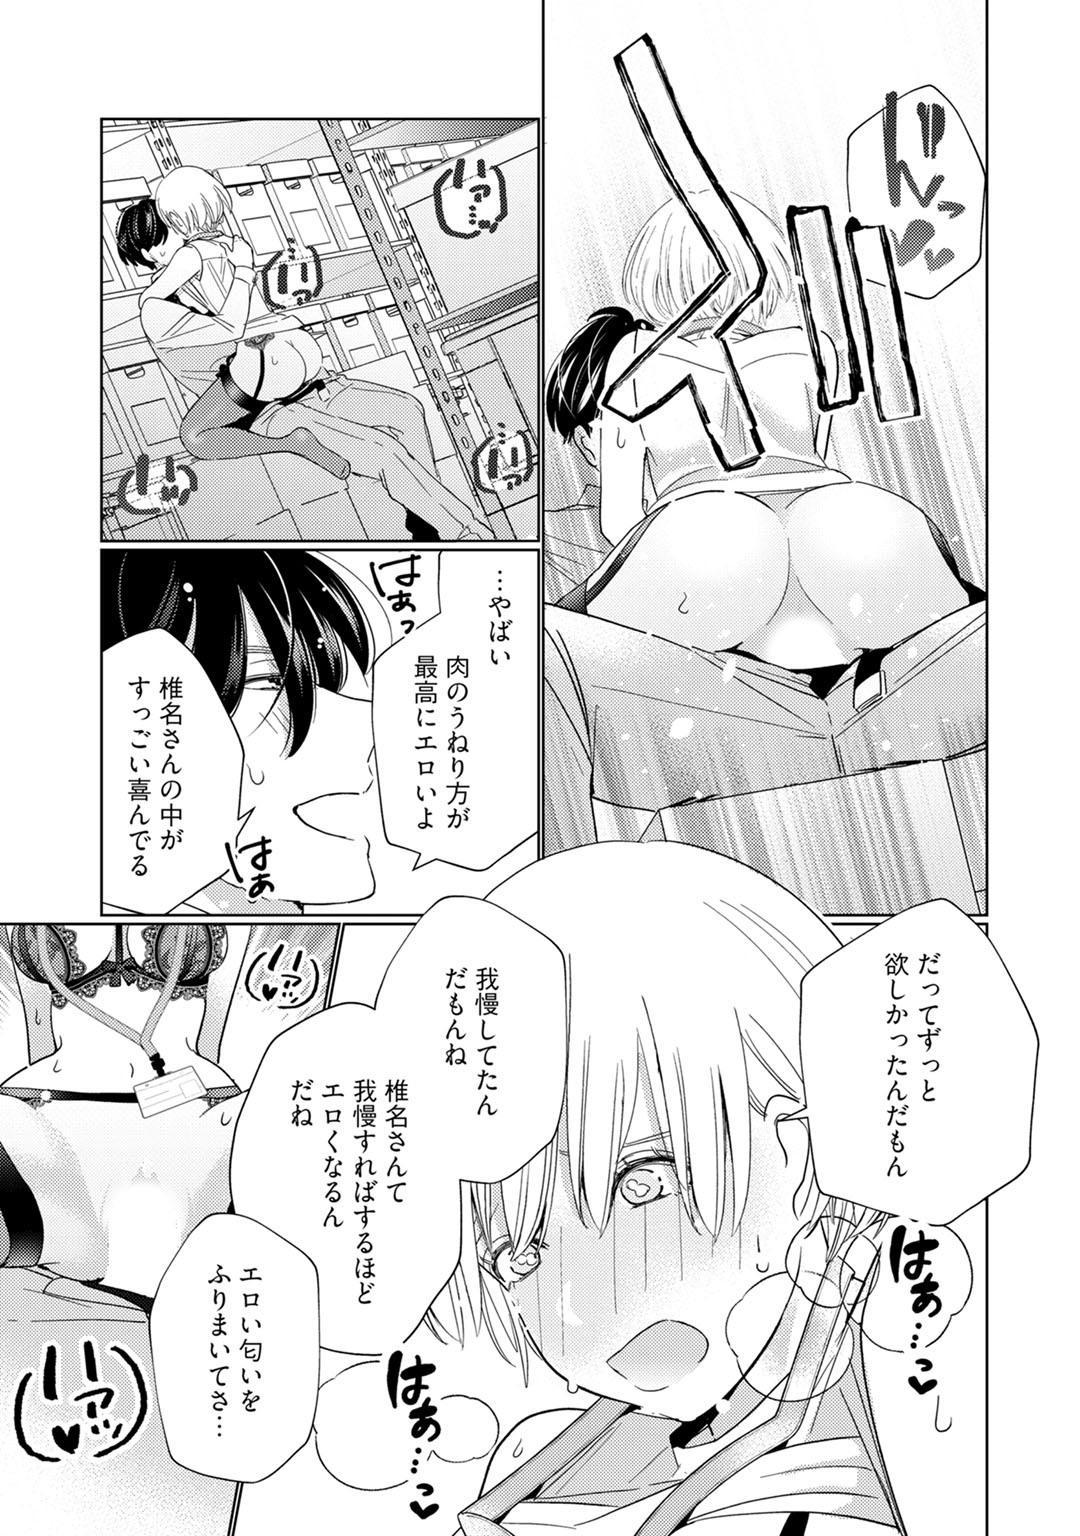 [Okonogi Happa] Kyonyuu-chan to Kyokon Joushi -Kaisha de Musabori Sex- act. 2 36